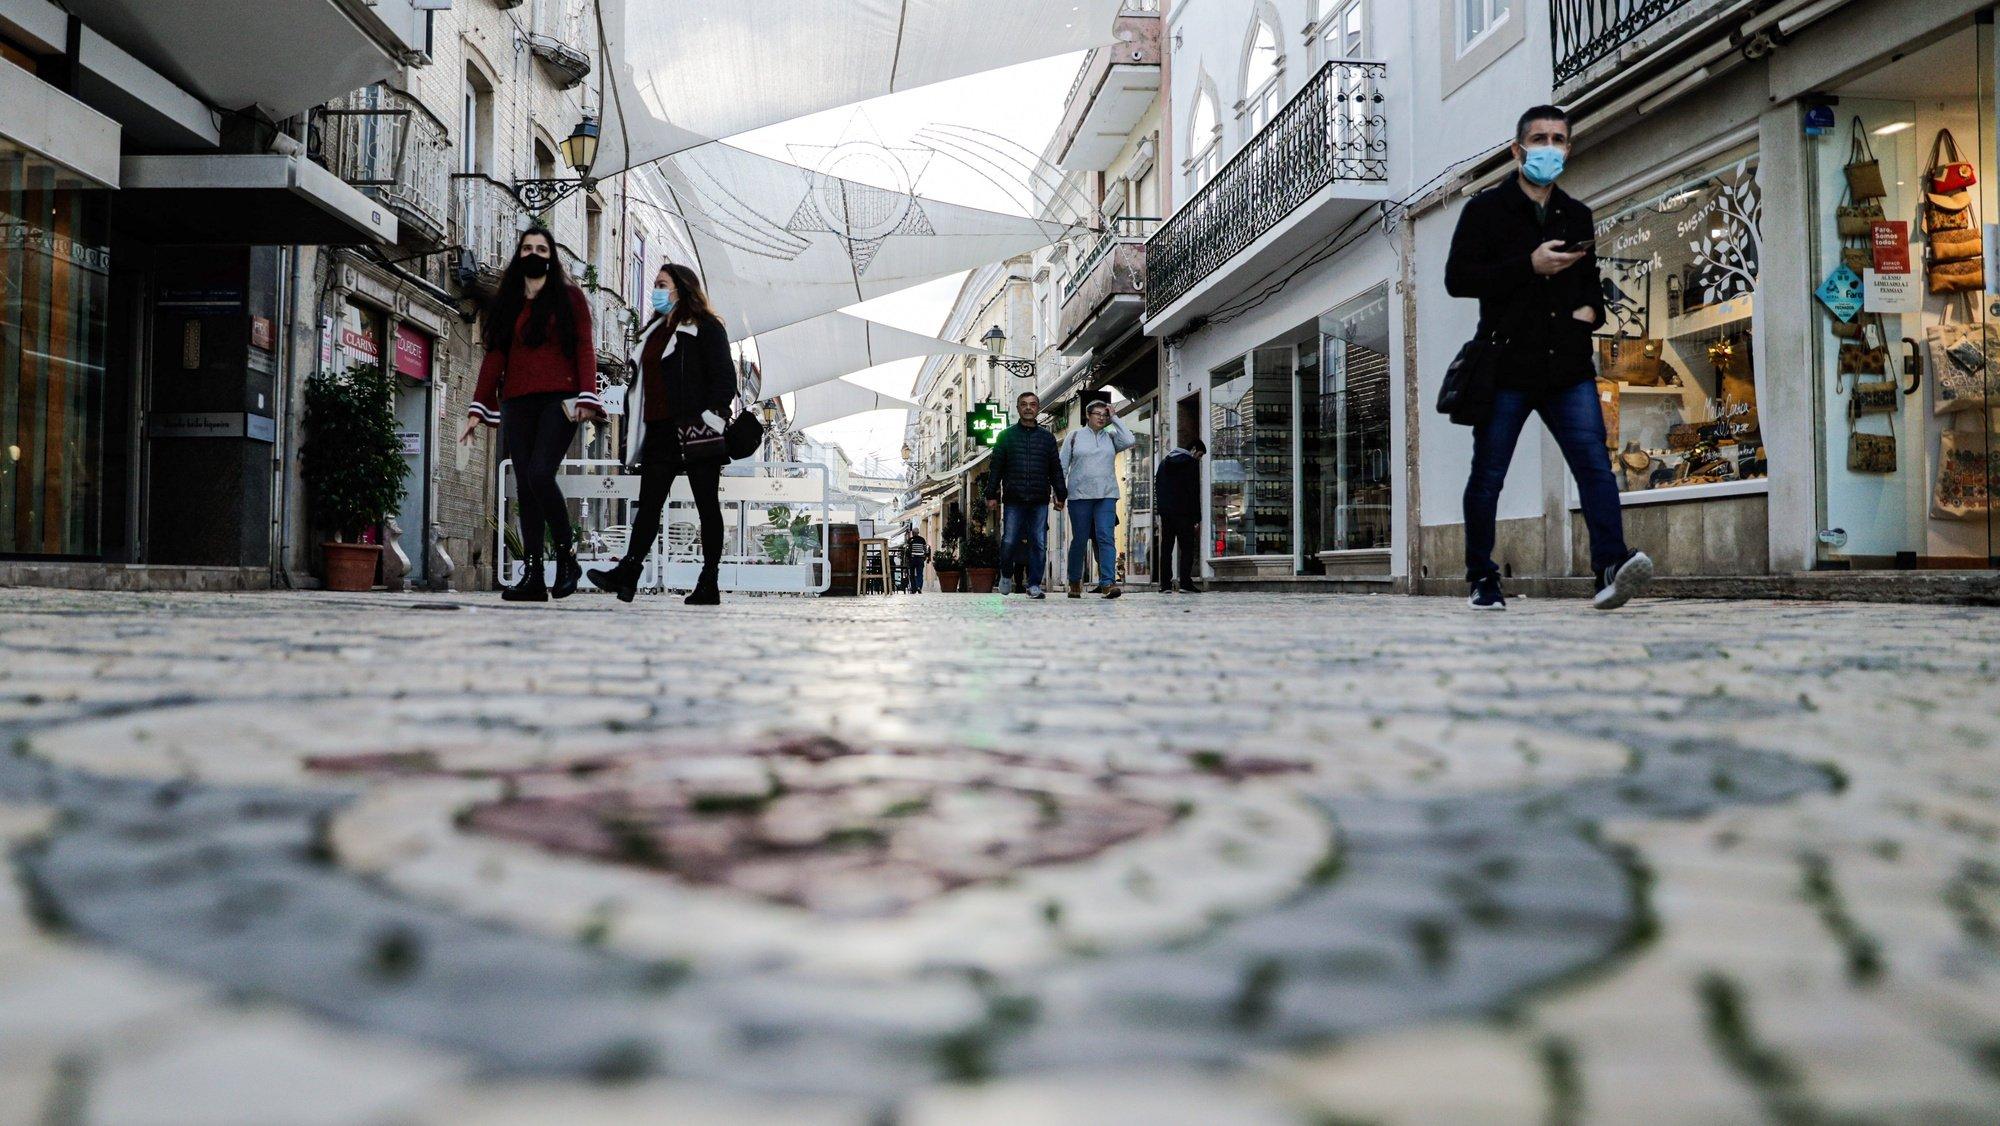 Comerciantes da baixa de Faro afirmam que o Natal deste ano vai ser muito mau, por causa da pandemia de covid-19, Faro, 27 de novembro de 2020. A agência Lusa visitou a localidade fronteiriça do distrito de Faro, habitualmente muito procurada nesta época por espanhóis pelos seus produtos atoalhados e artesanato, mas que agora regista uma acentuada quebra no movimento de turistas devido às restrições impostas pela pandemia de covid-19. (ACOMPANHA TEXTO DE 6 DE DEZEMBRO DE 2020). LUÍS FORRA/LUSA